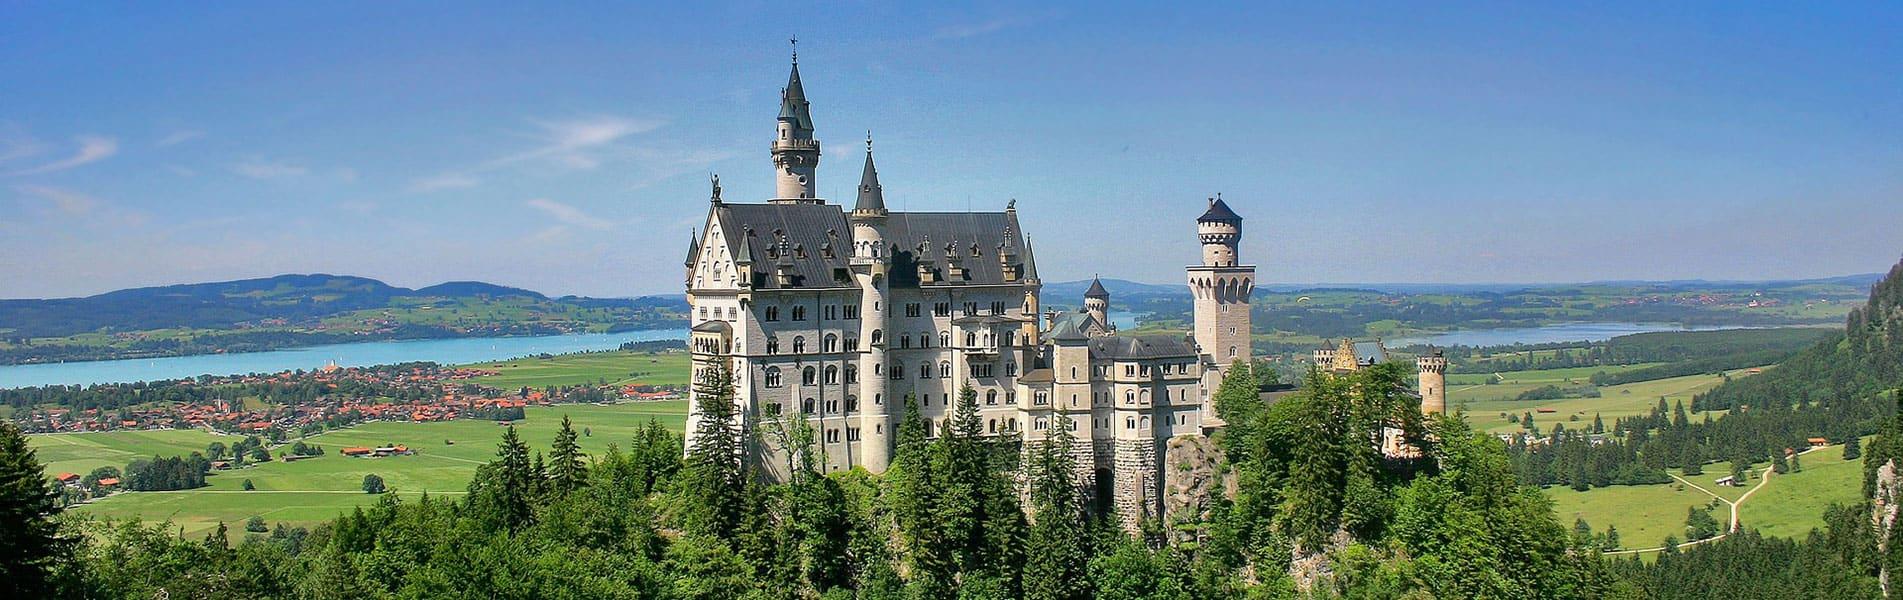 Schloss Neuschwanstein Germany